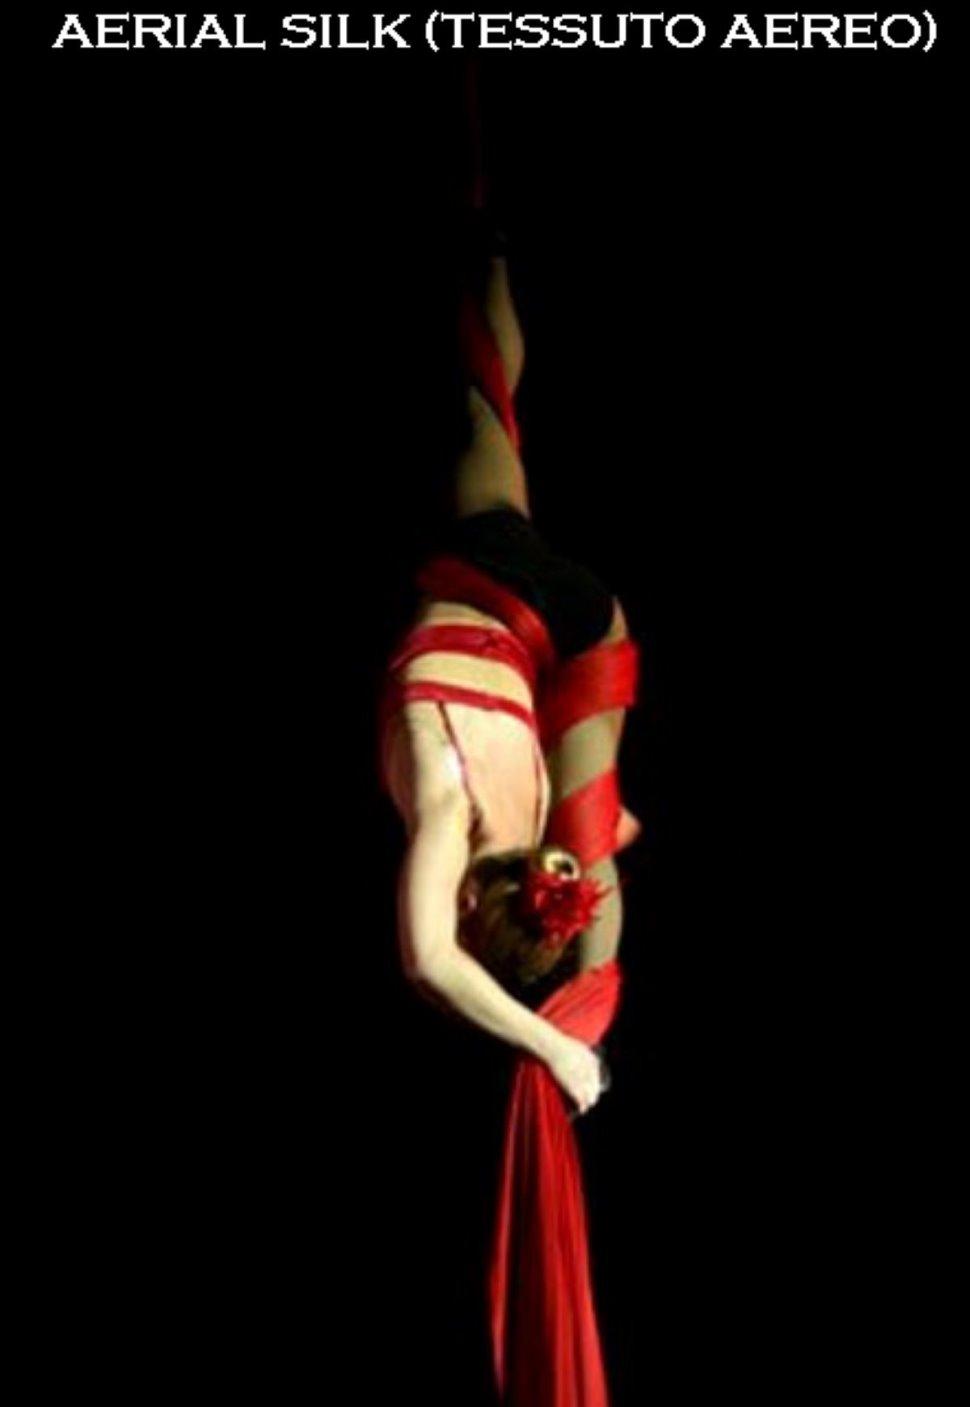 Aerial Silk (Tessuti Aerei) da Settembre presso Pole Dance Padova - Acrobatic Aerial Arts Academy Padova